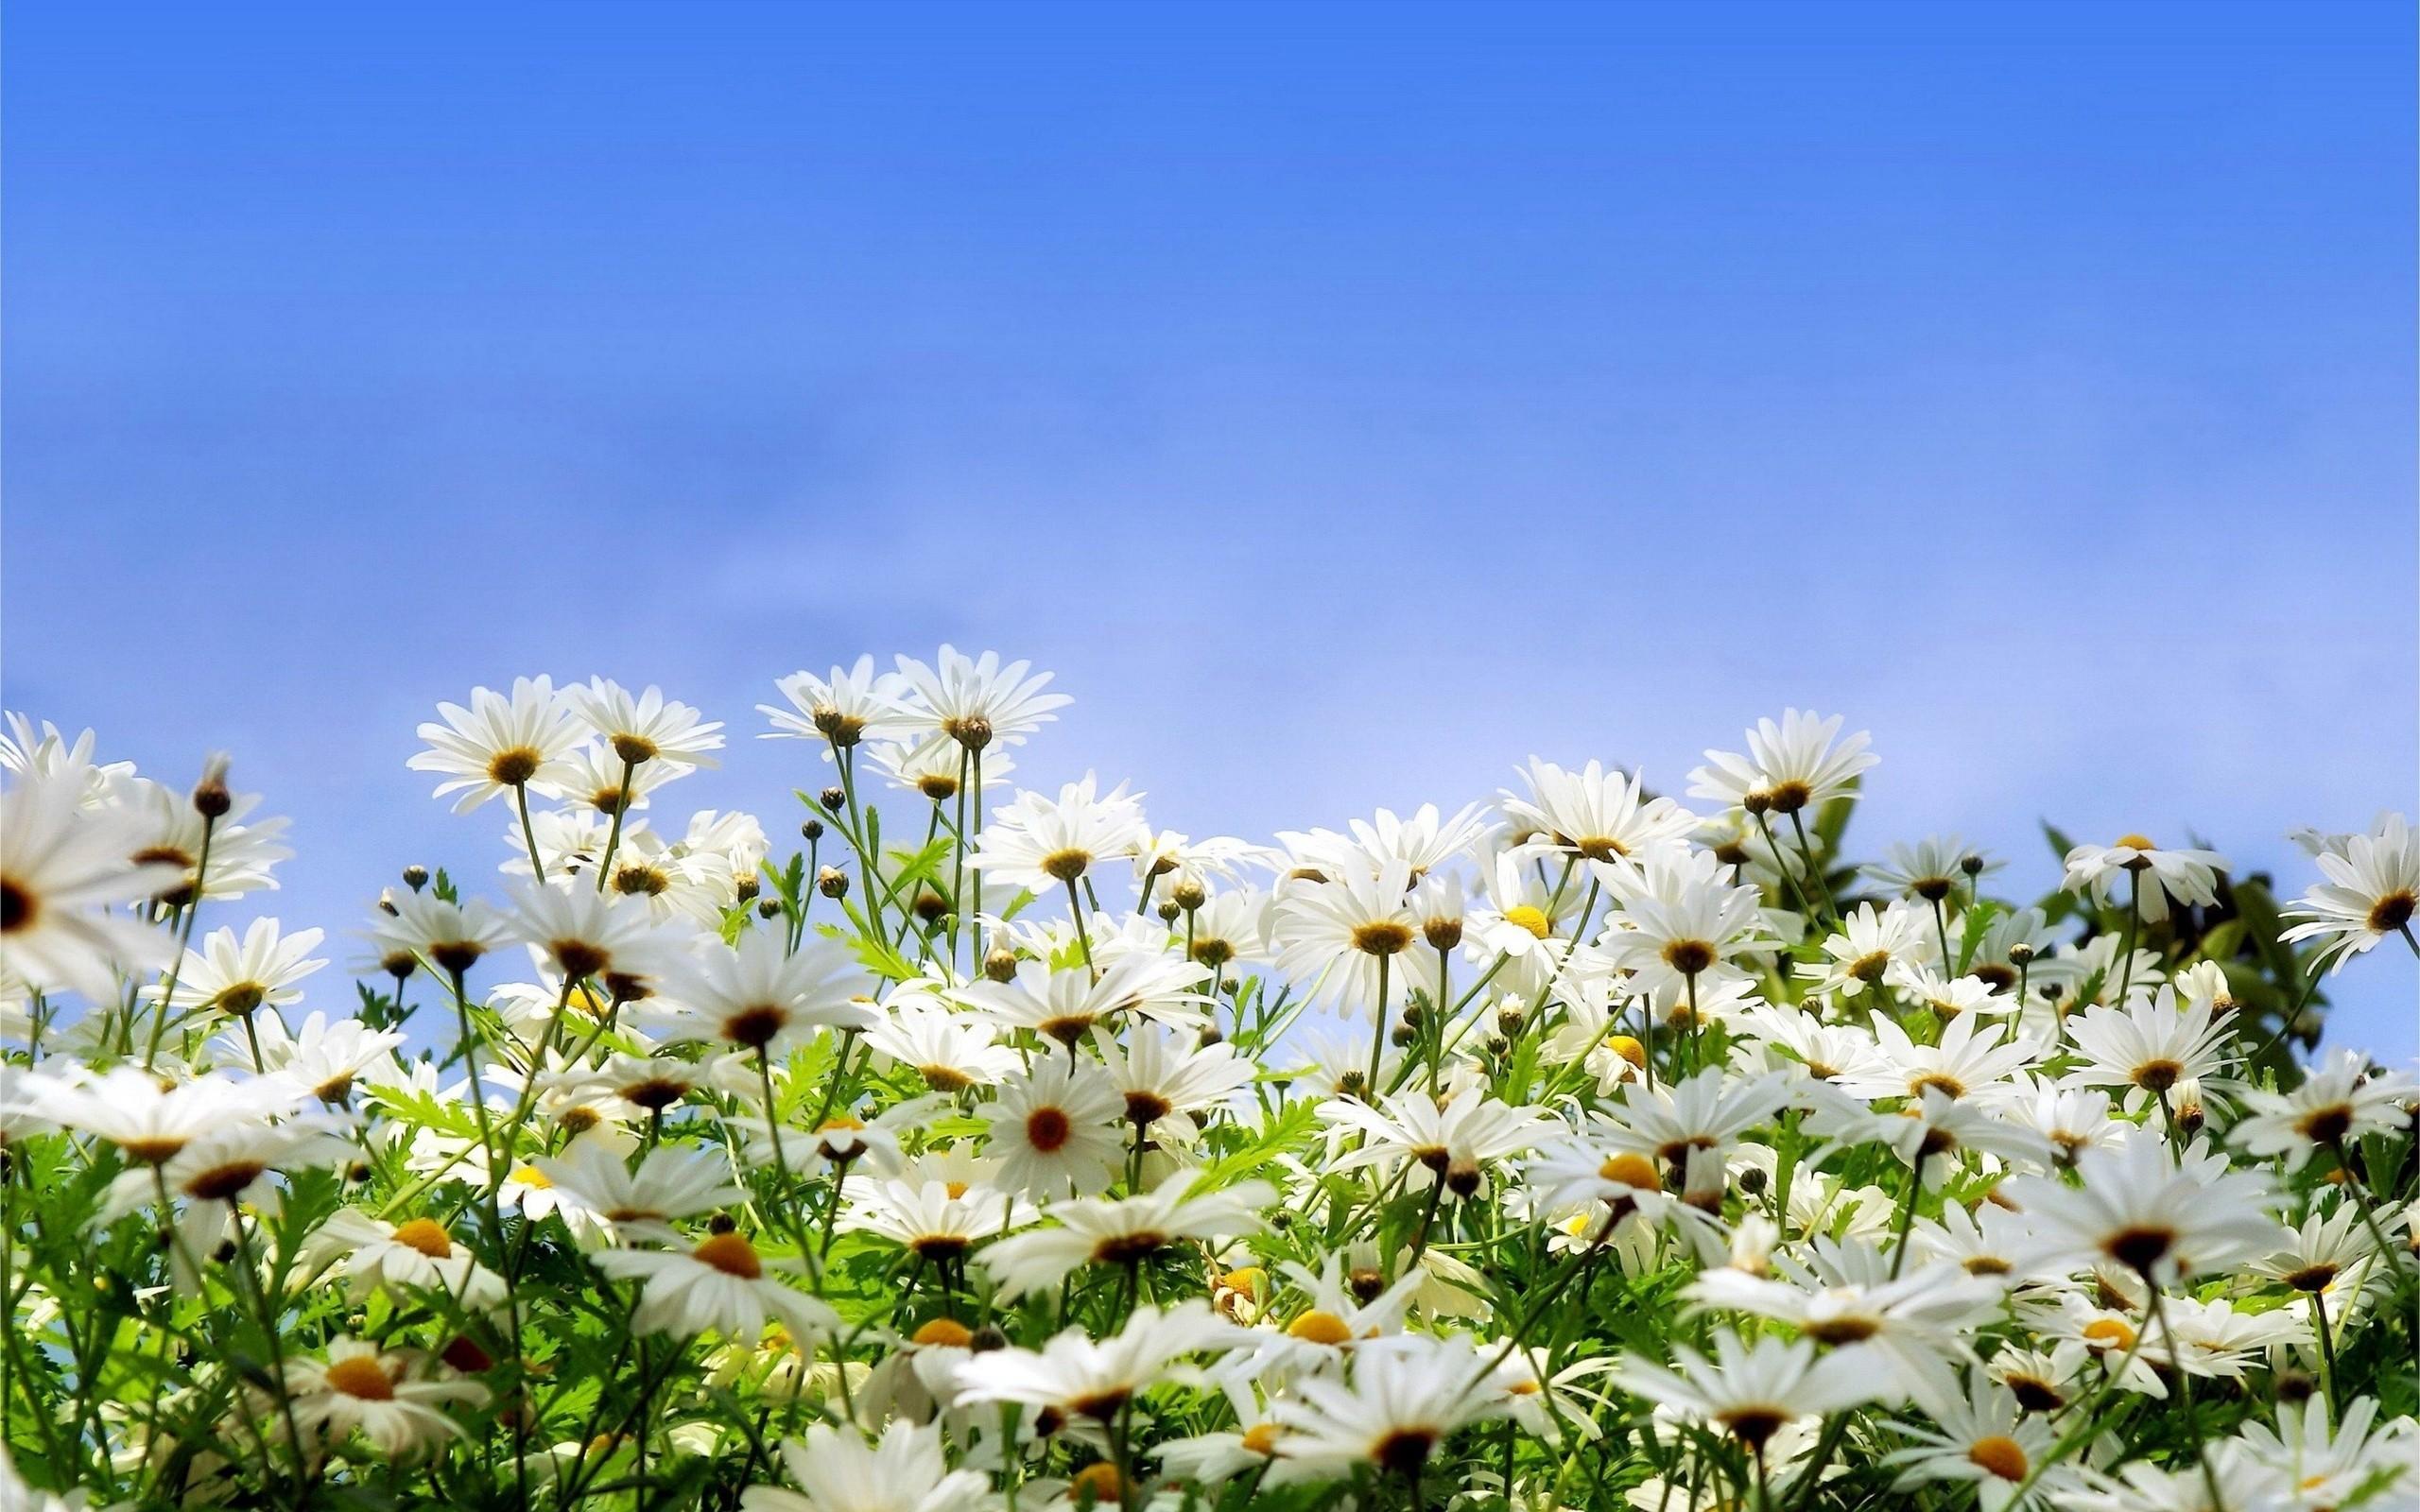 Jardin de flores margaritas - 2560x1600